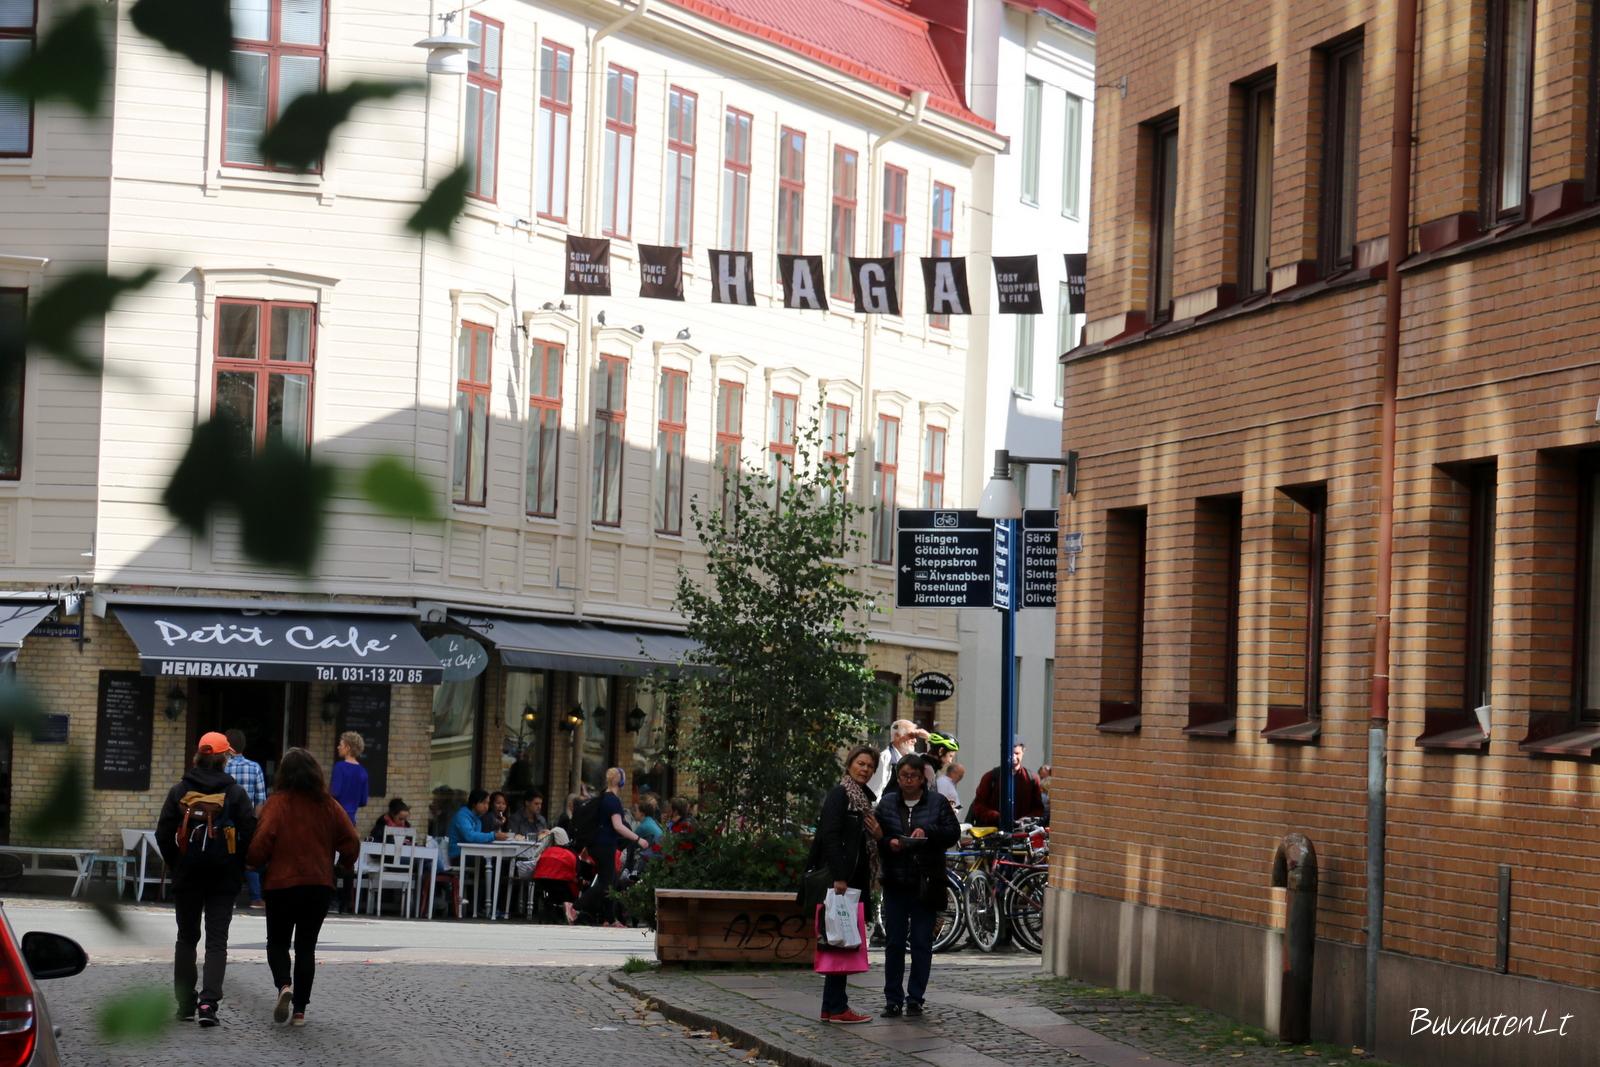 Seniausia Geteborgo dalis